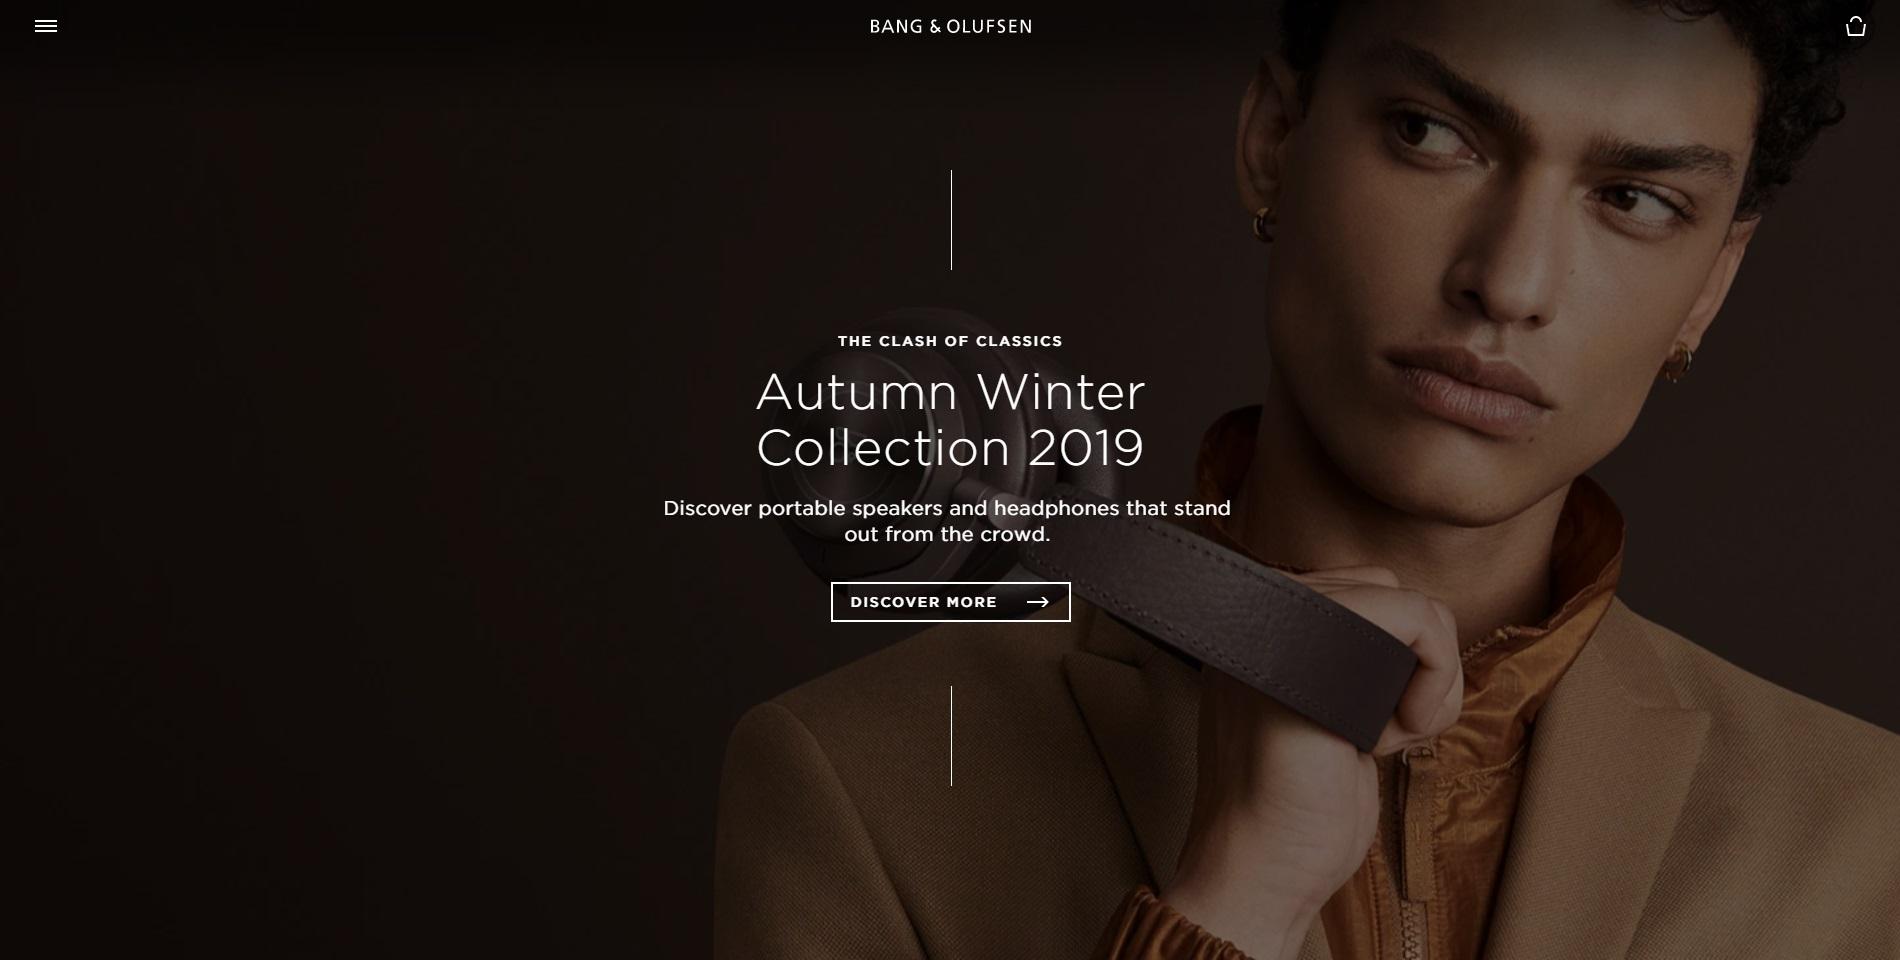 Bang en Olufsen heeft een site die even stijlvol is als hun producten